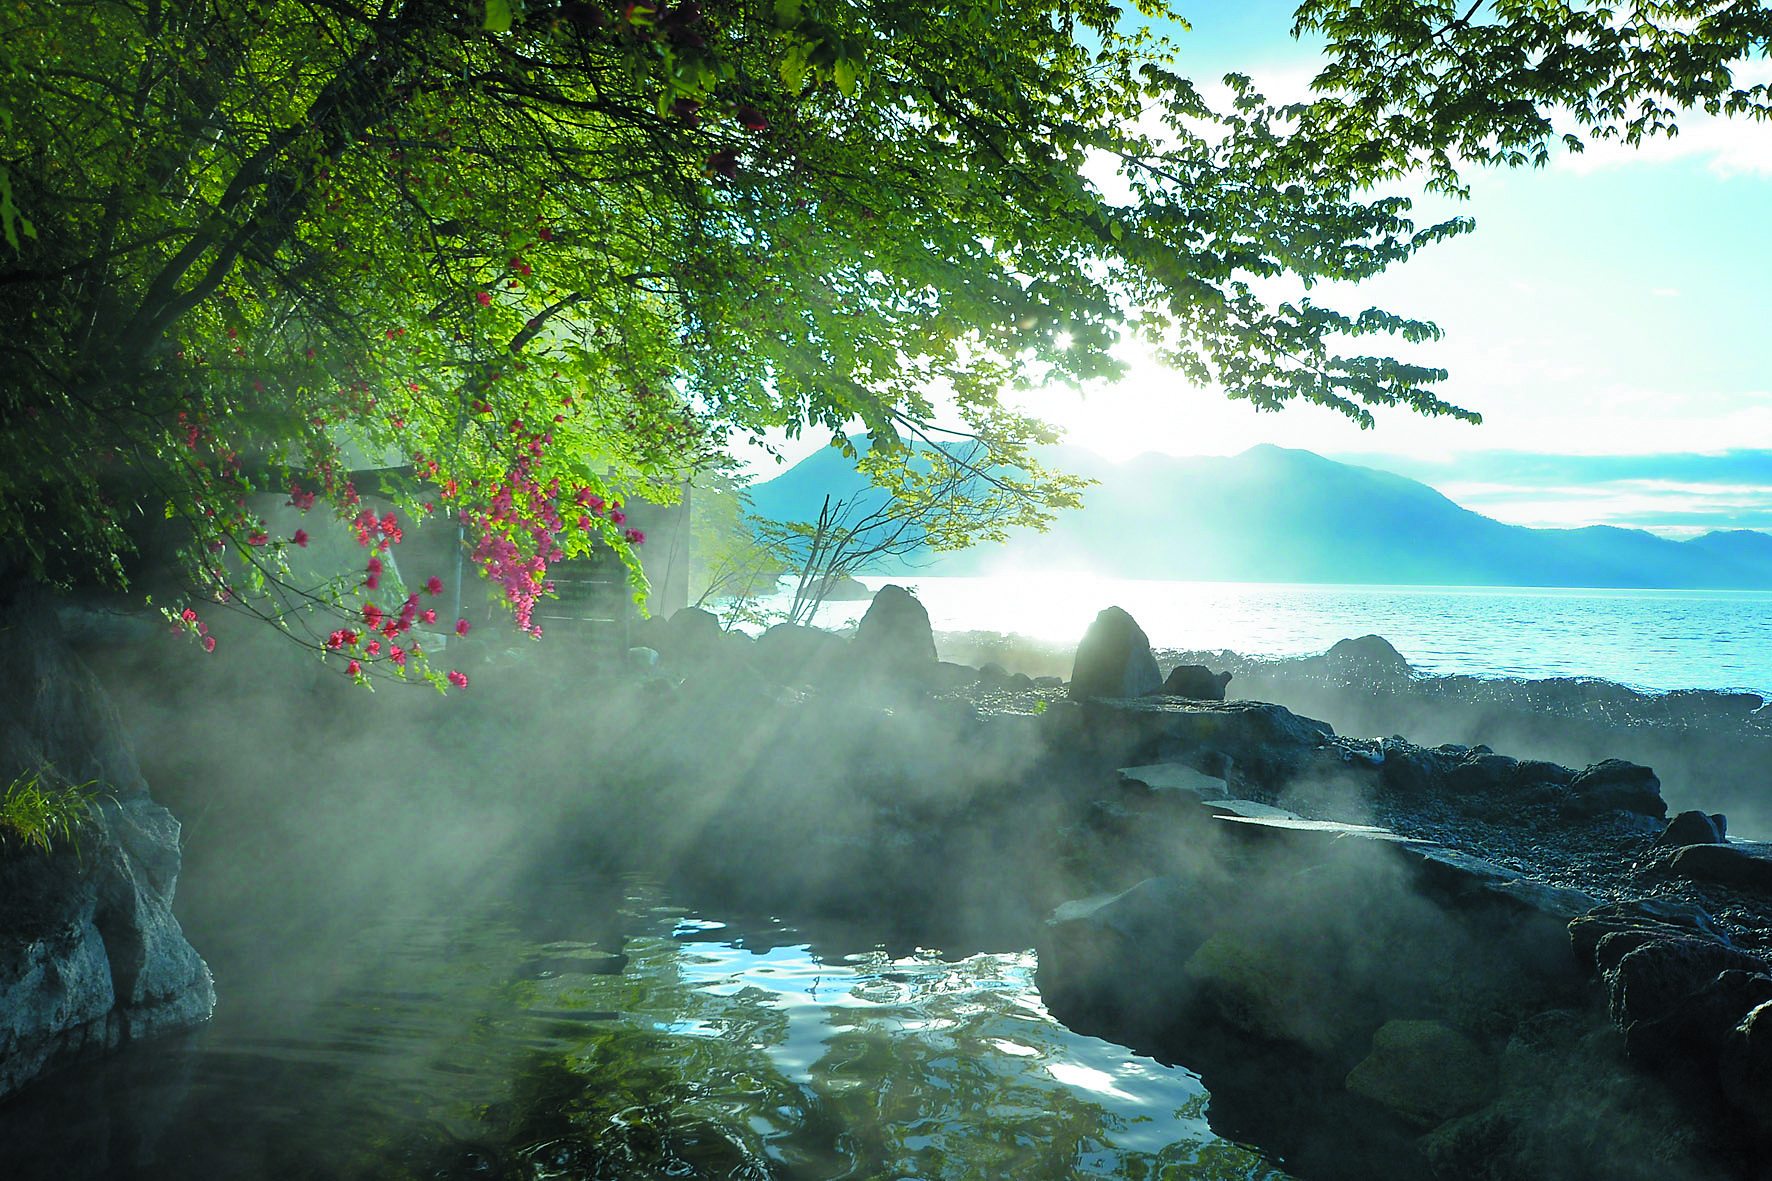 丸駒溫泉旅館:享盡湖畔大自然景觀與溫泉的老舖旅館